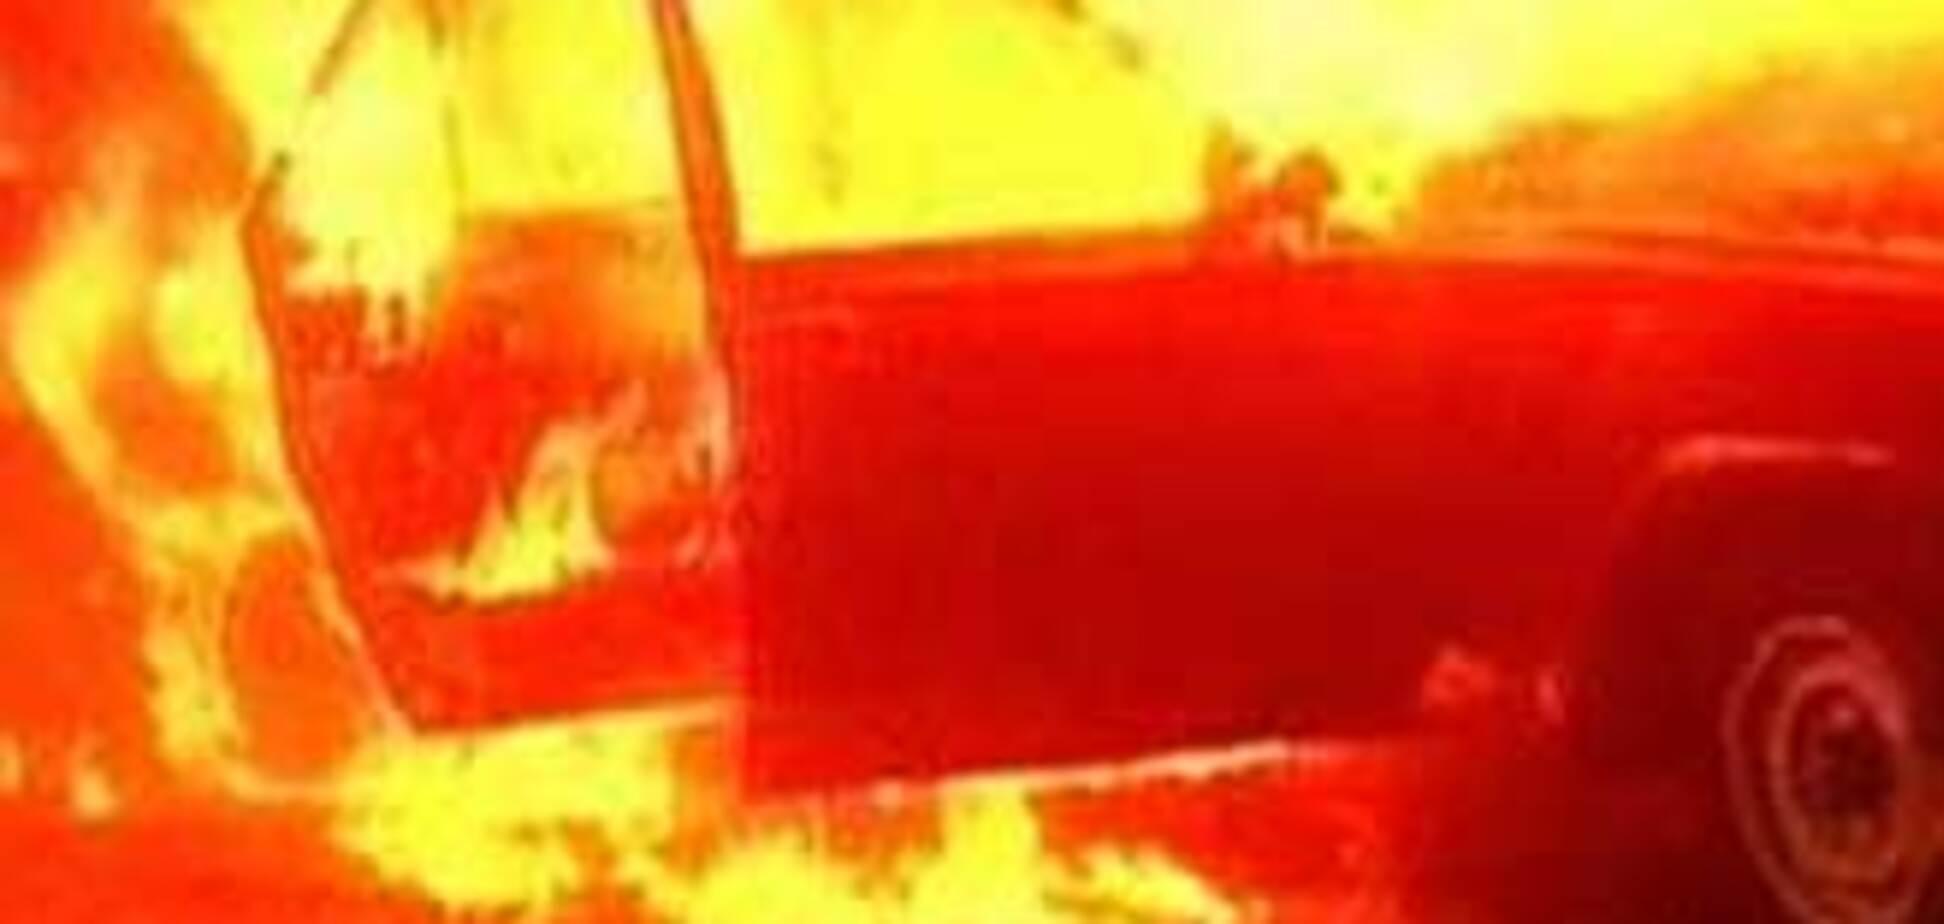 На заправке взорвался газ, есть жертвы